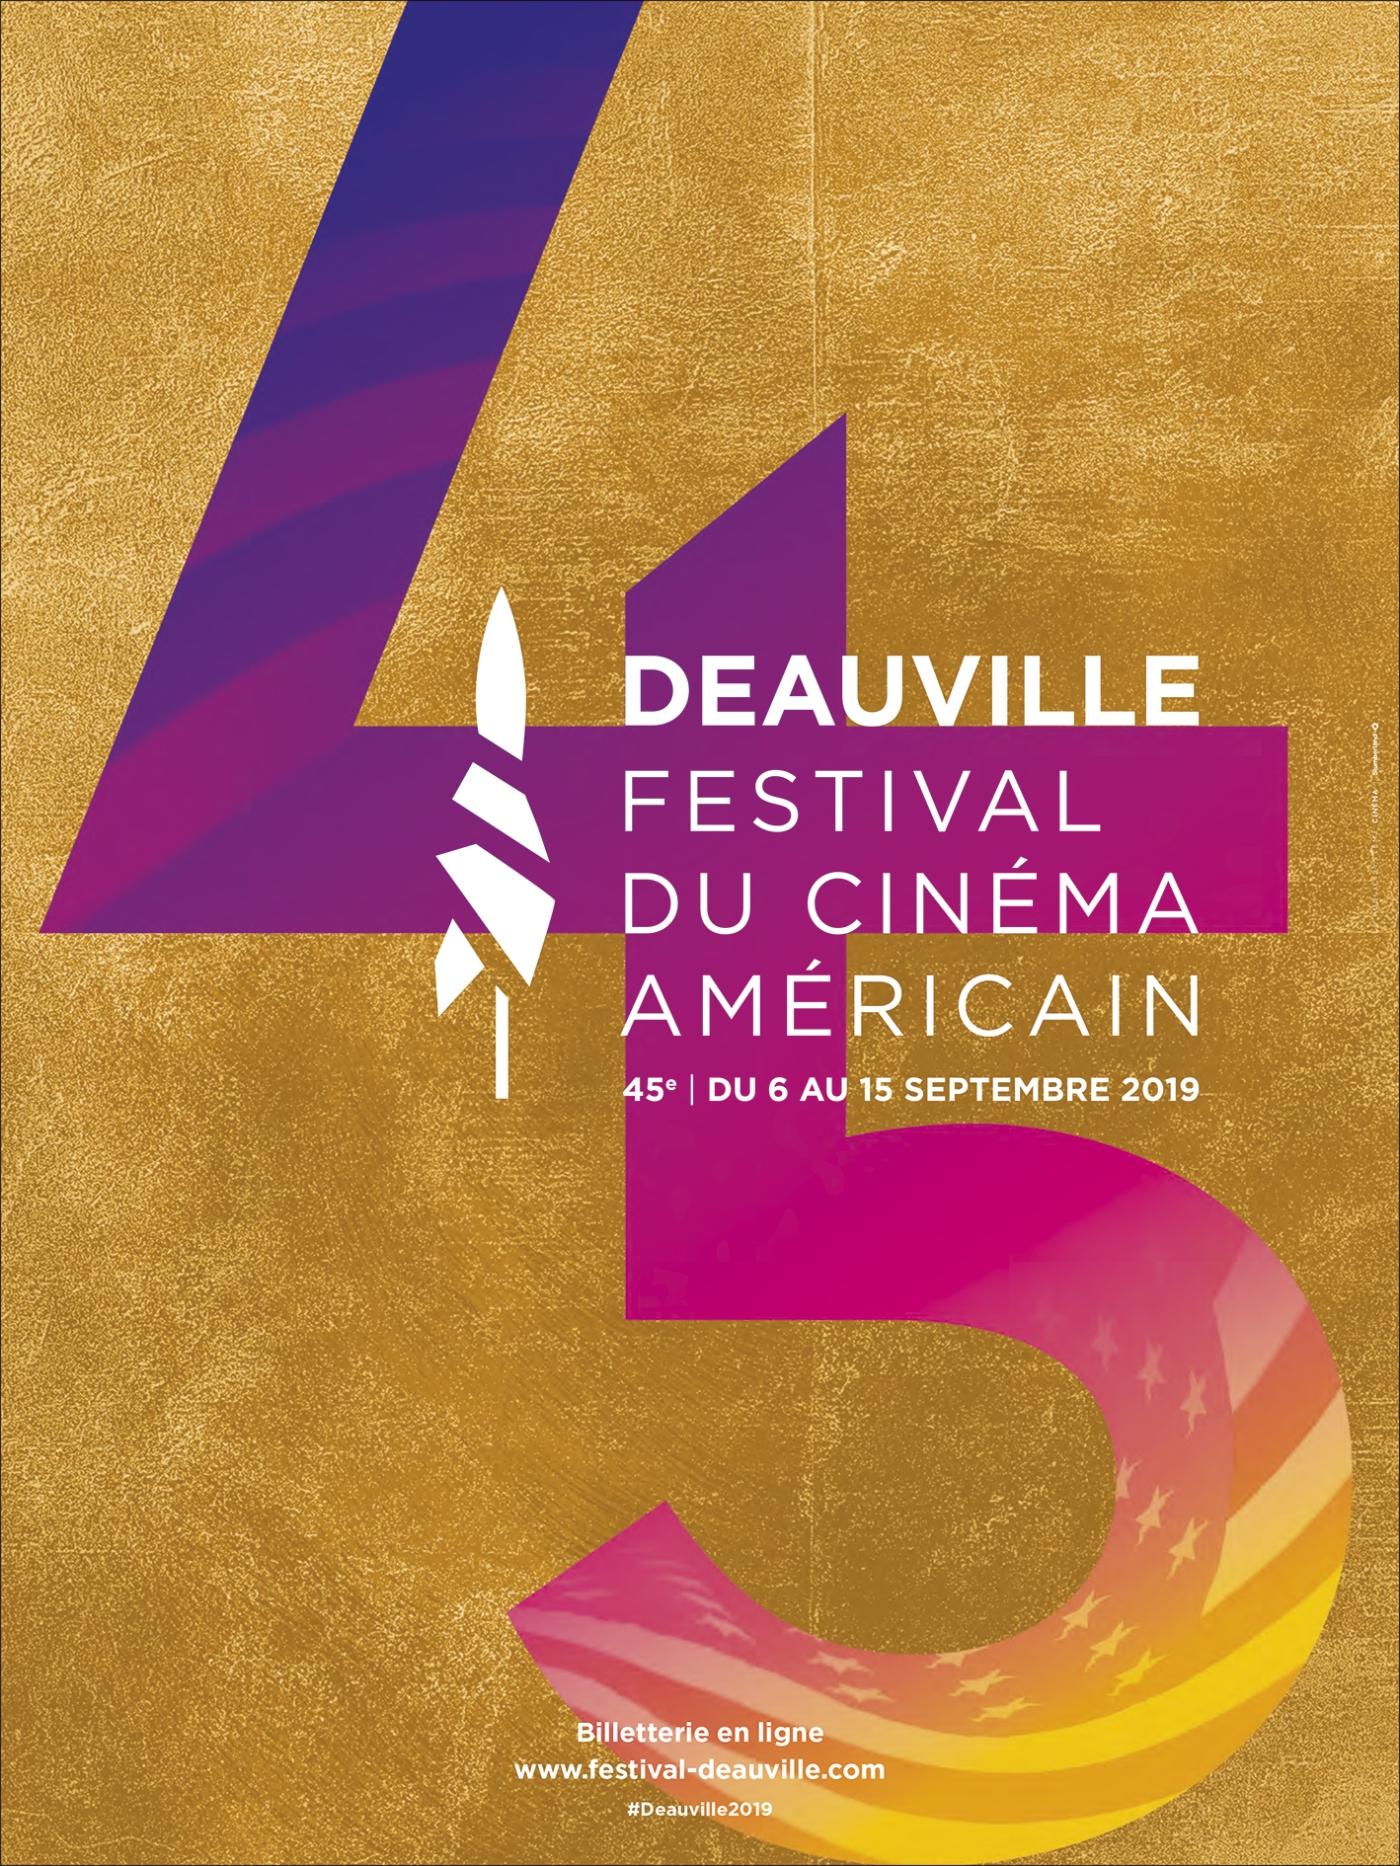 Deauville ; critique; review; avis ; cinema américain ; festival ; festival du cinema americain ; americain ; films ; movies ; theater; Stewart ; Kristen ; sophie turner ; pierce brossman ; star ; hollywood